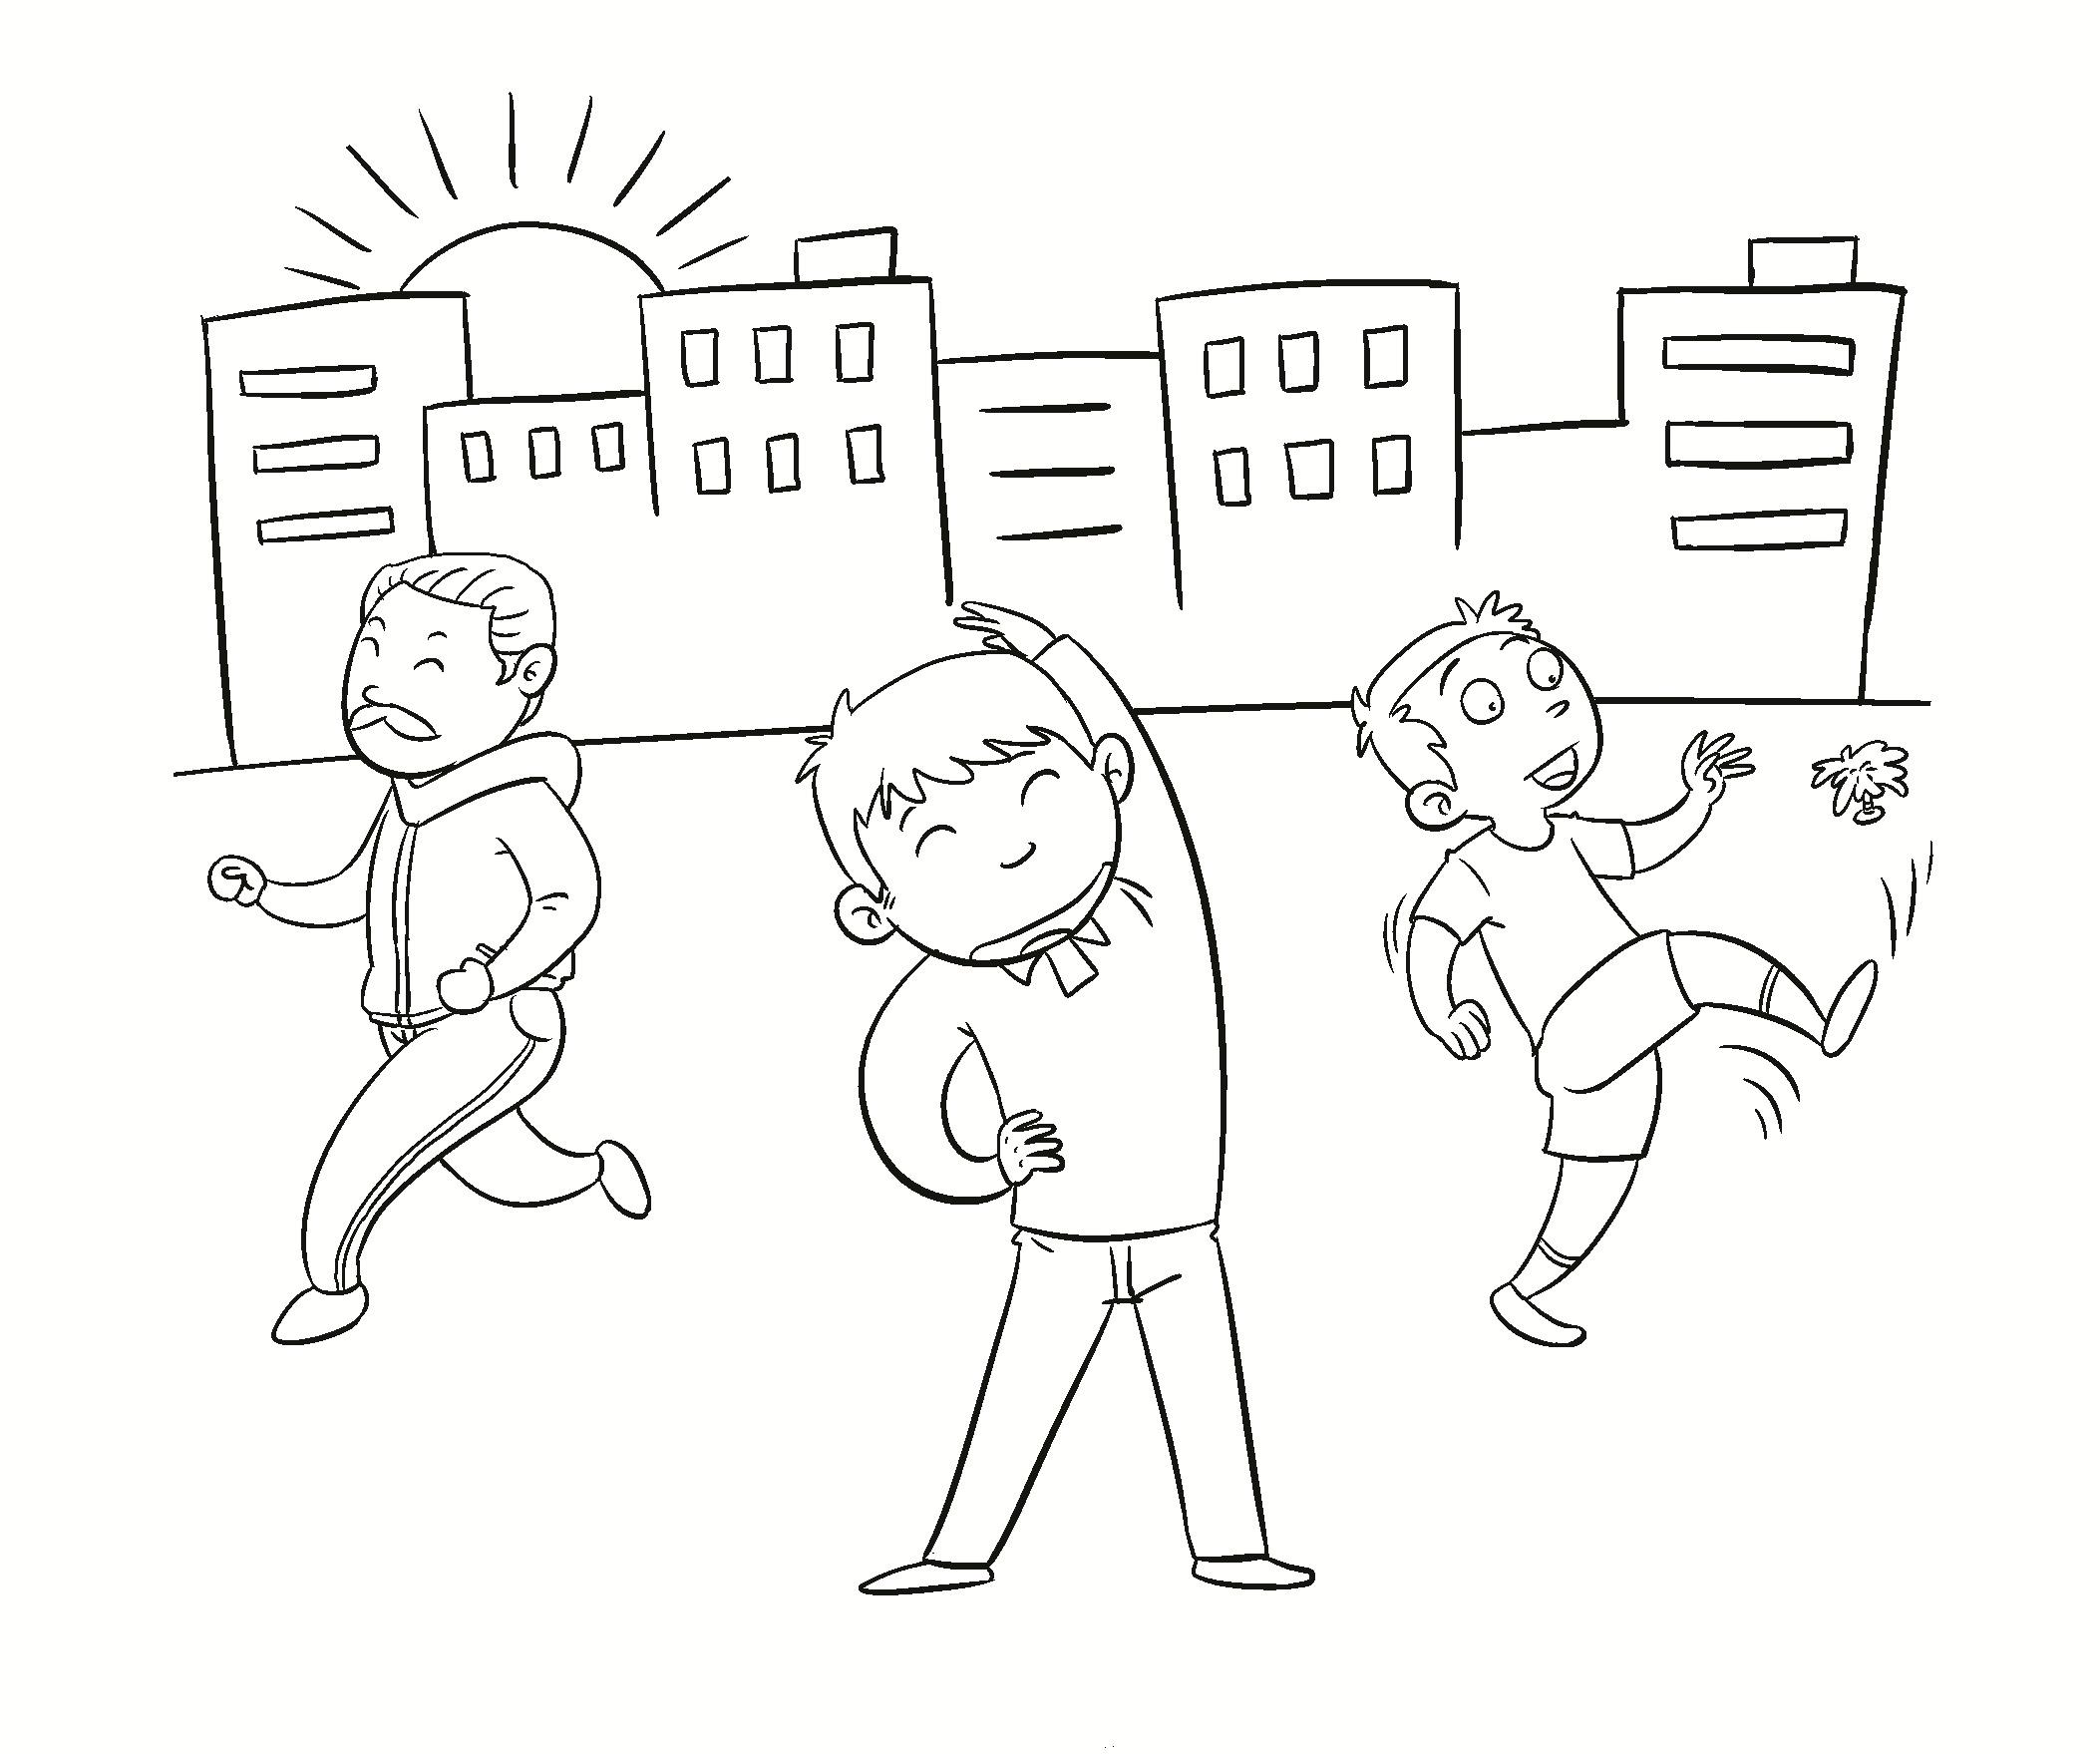 早上运动能达到好的运动疗效